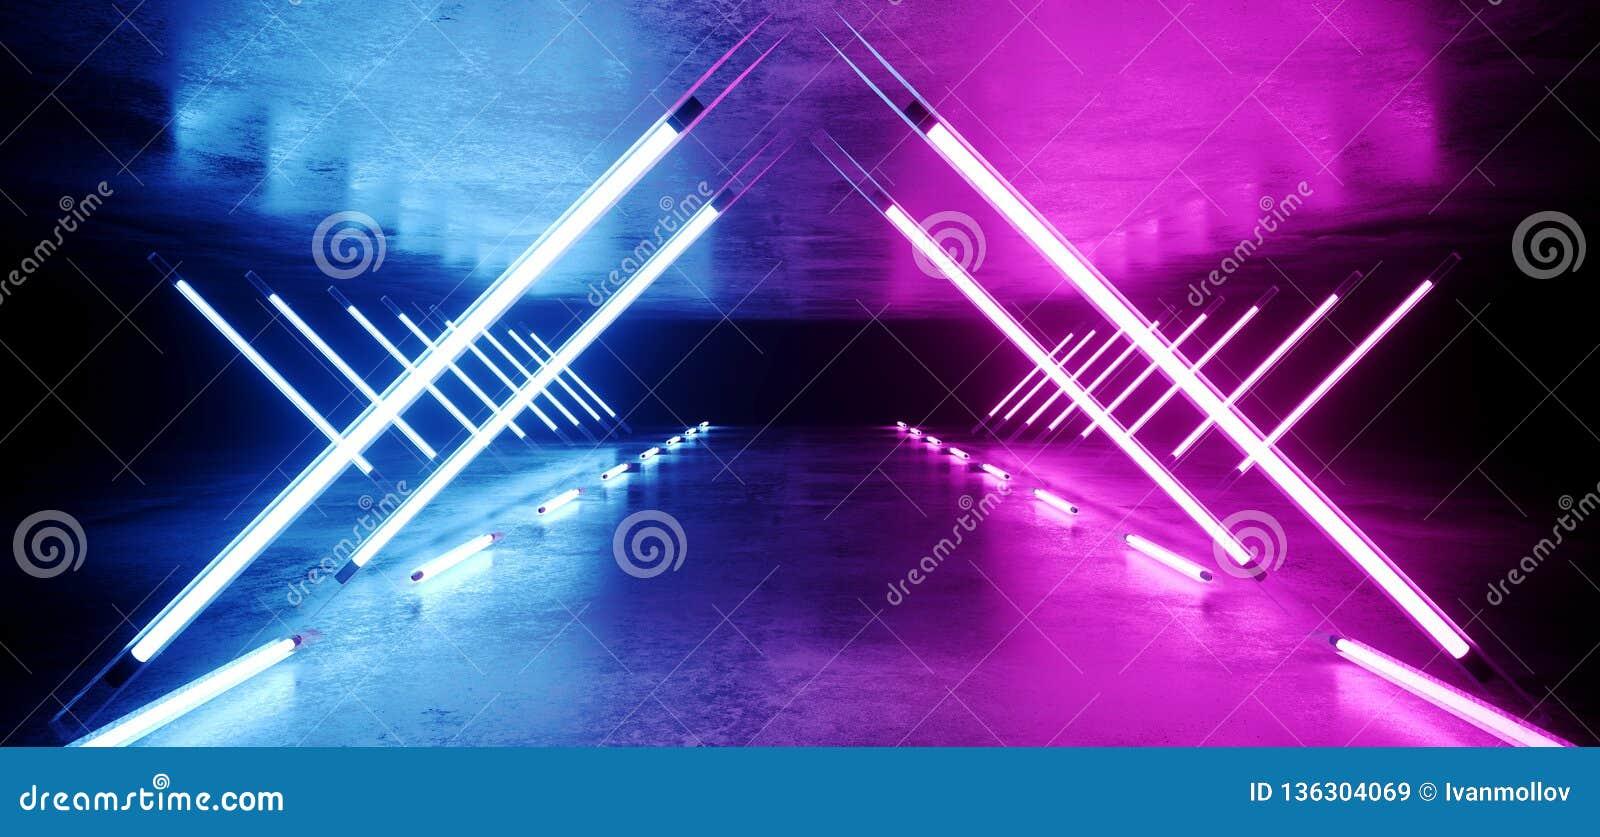 Camino largo formado triángulo de neón del túnel de la etapa ultravioleta elegante moderna futurista de Sci que brilla intensamen